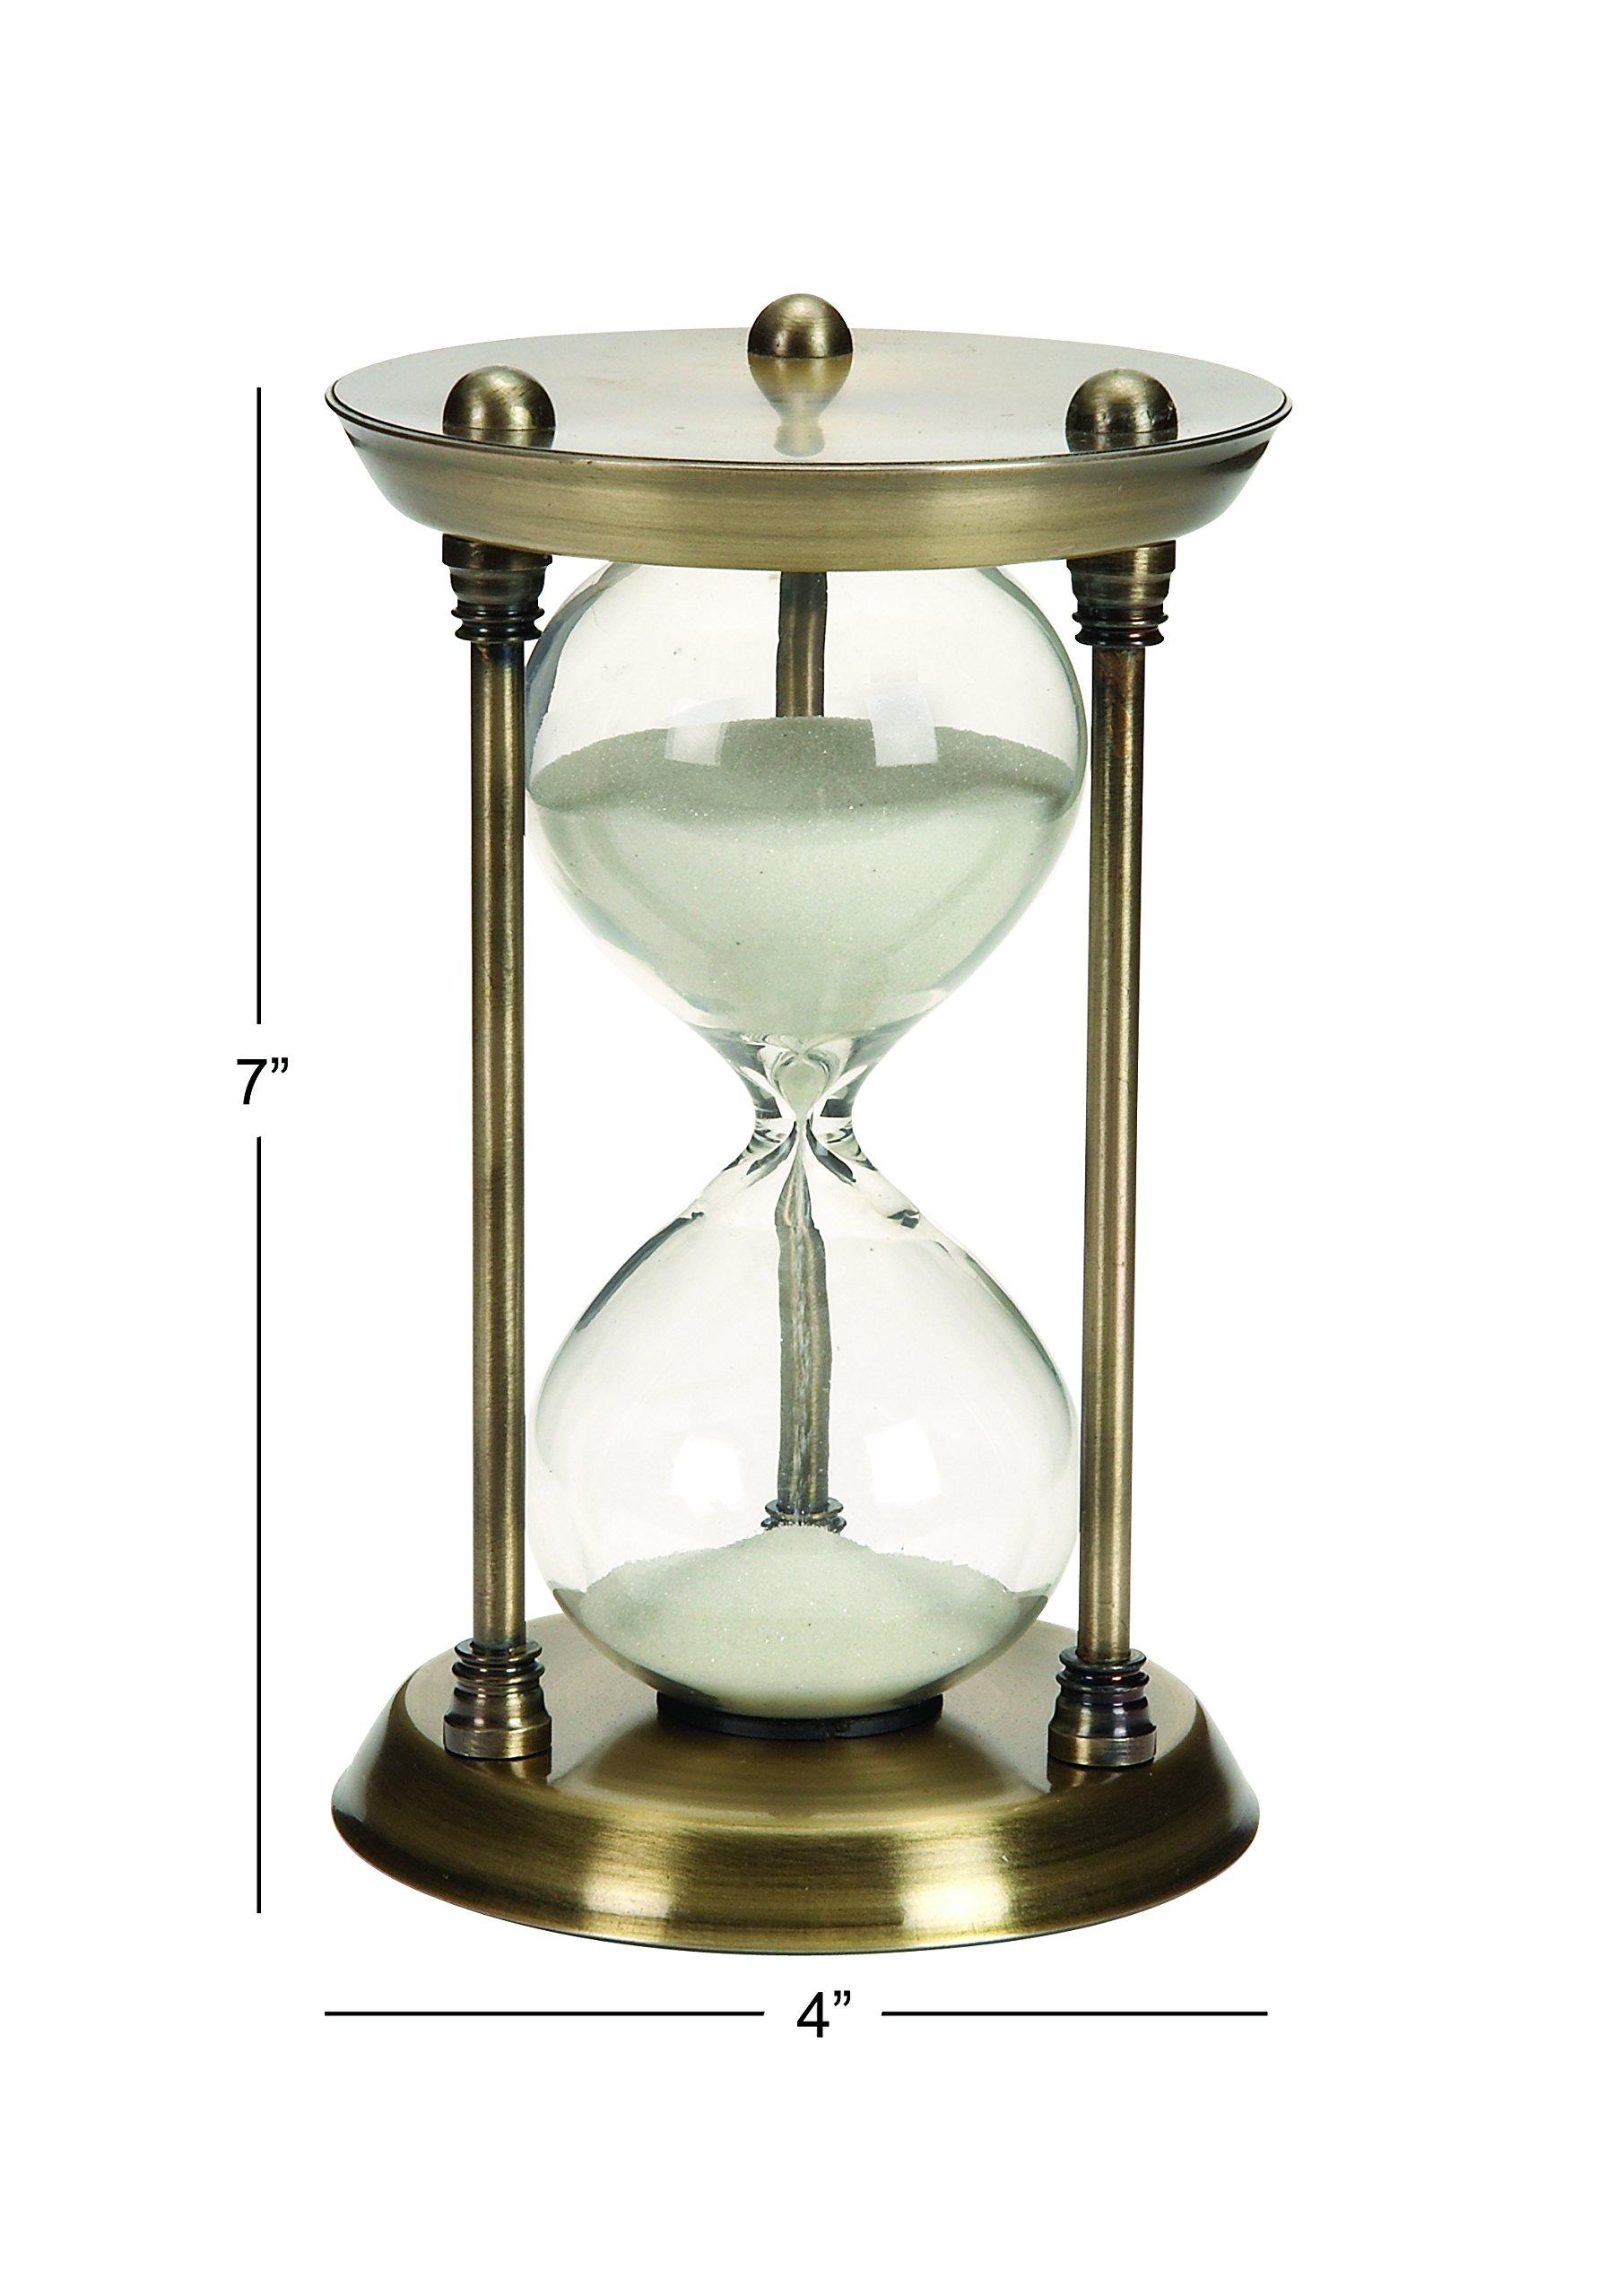 Nautical sand timer brass quarter hourglass antique